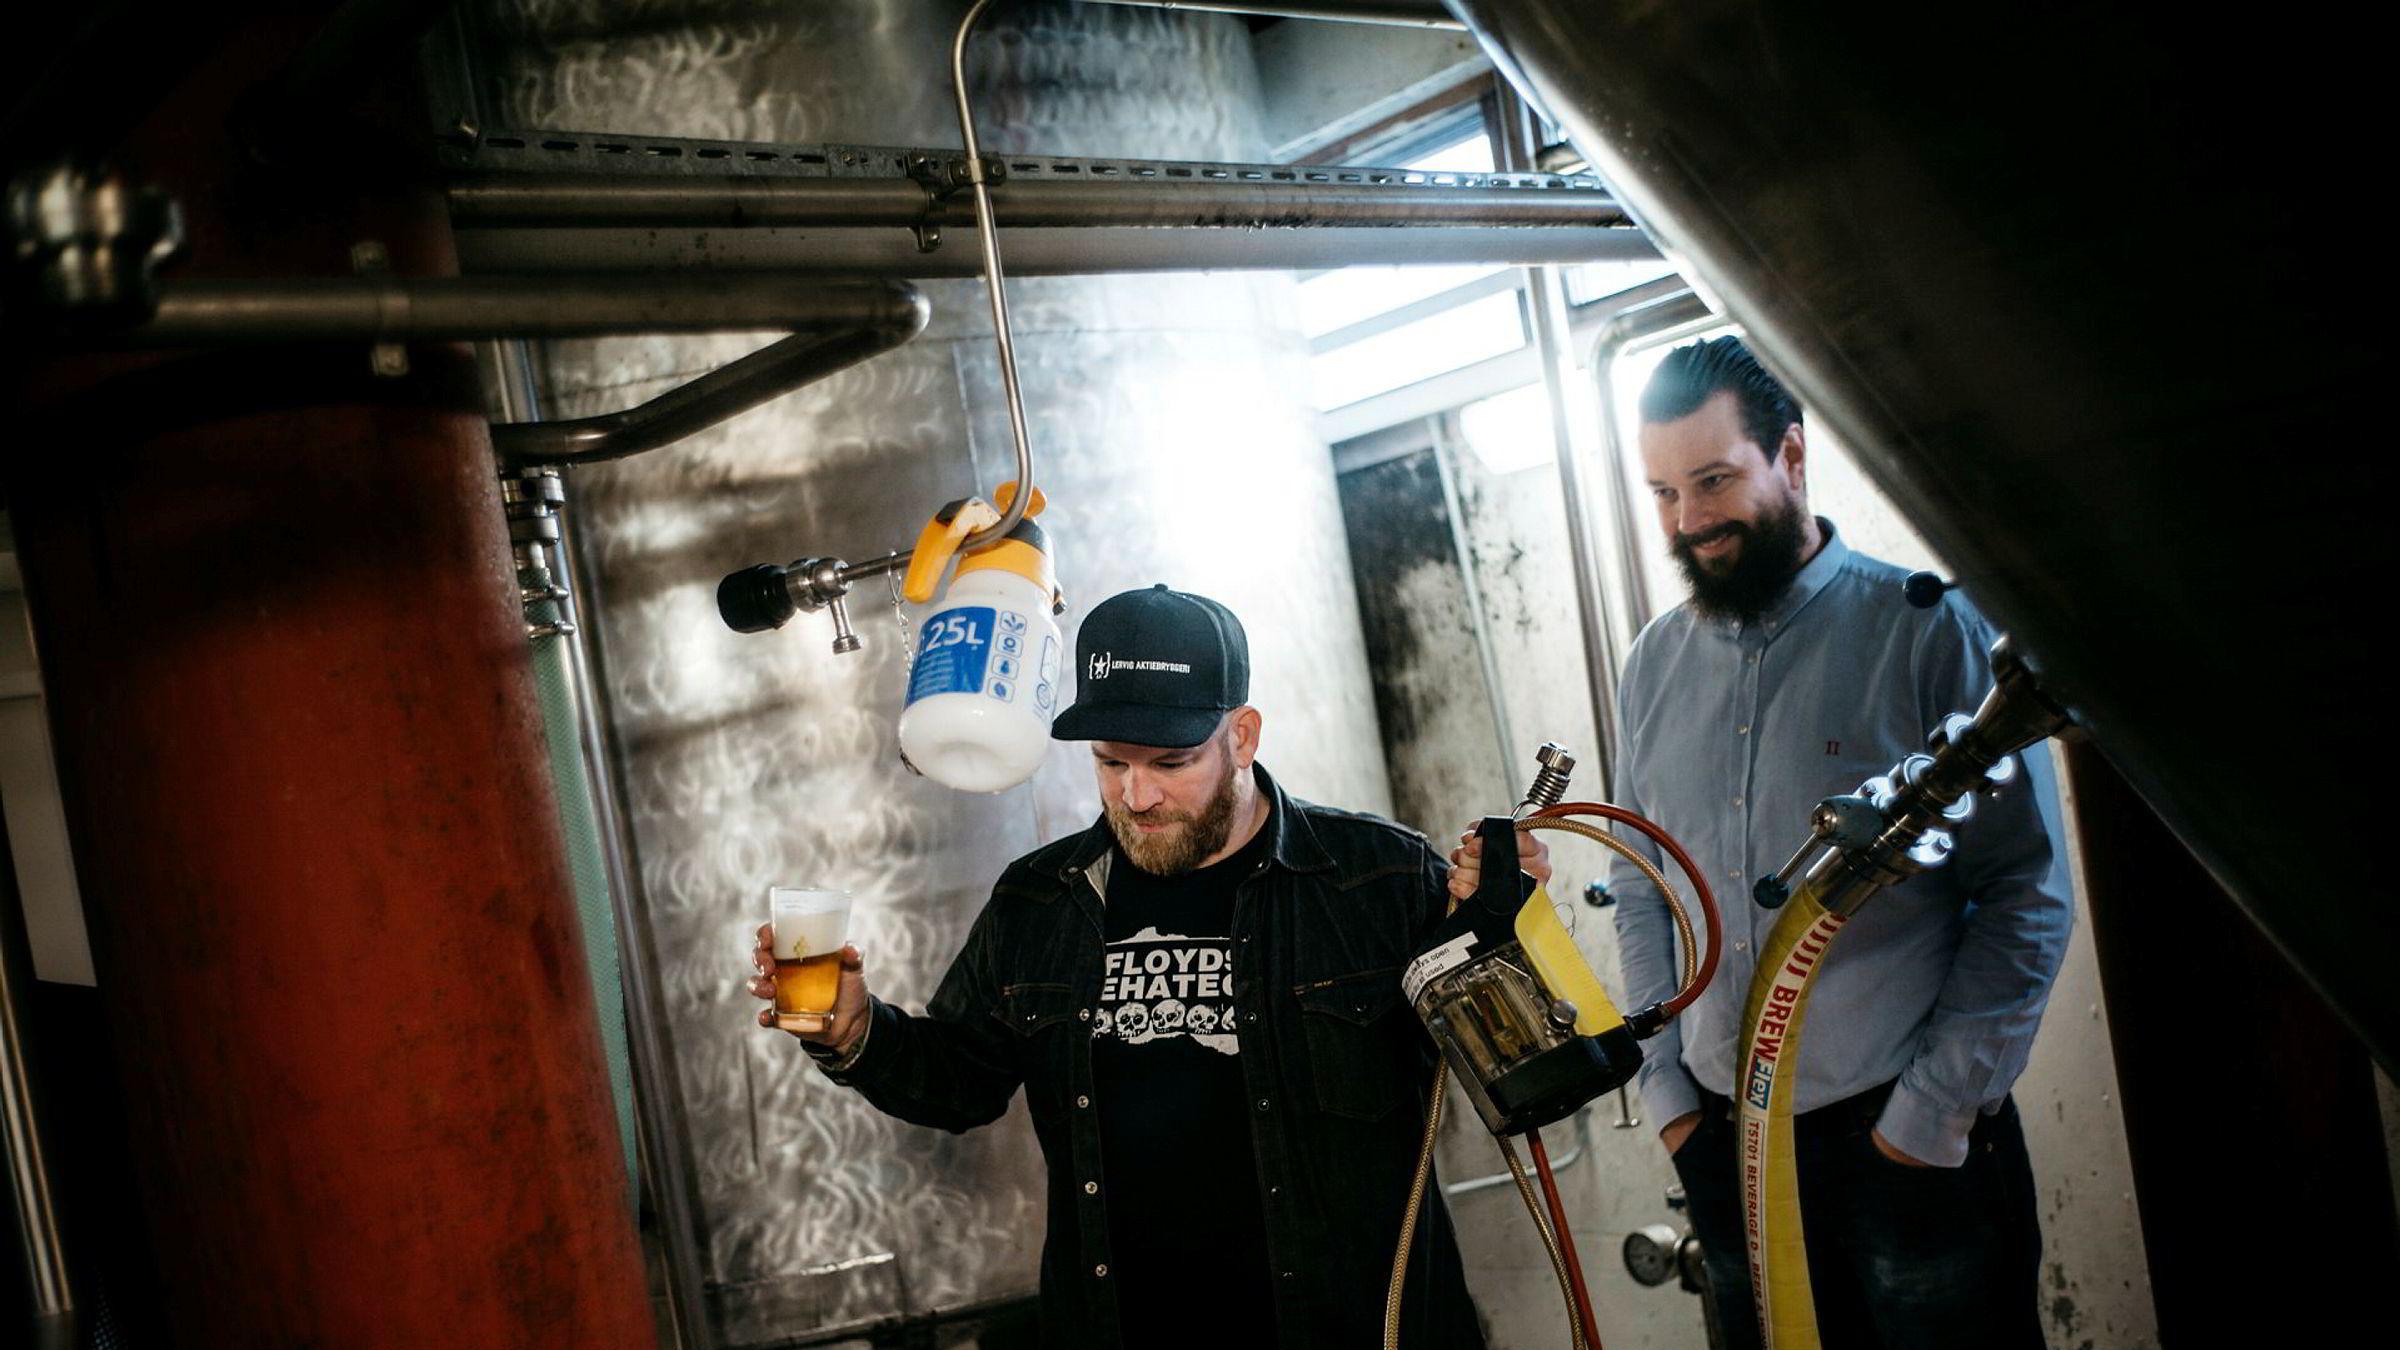 Daglig leder i Lervig Aktiebryggeri Anders Kleinstrup, til høyre, og bryggerimester Mike Murphy inspiserer en prøve fra en av tankene. Foto: Tommy Ellingsen